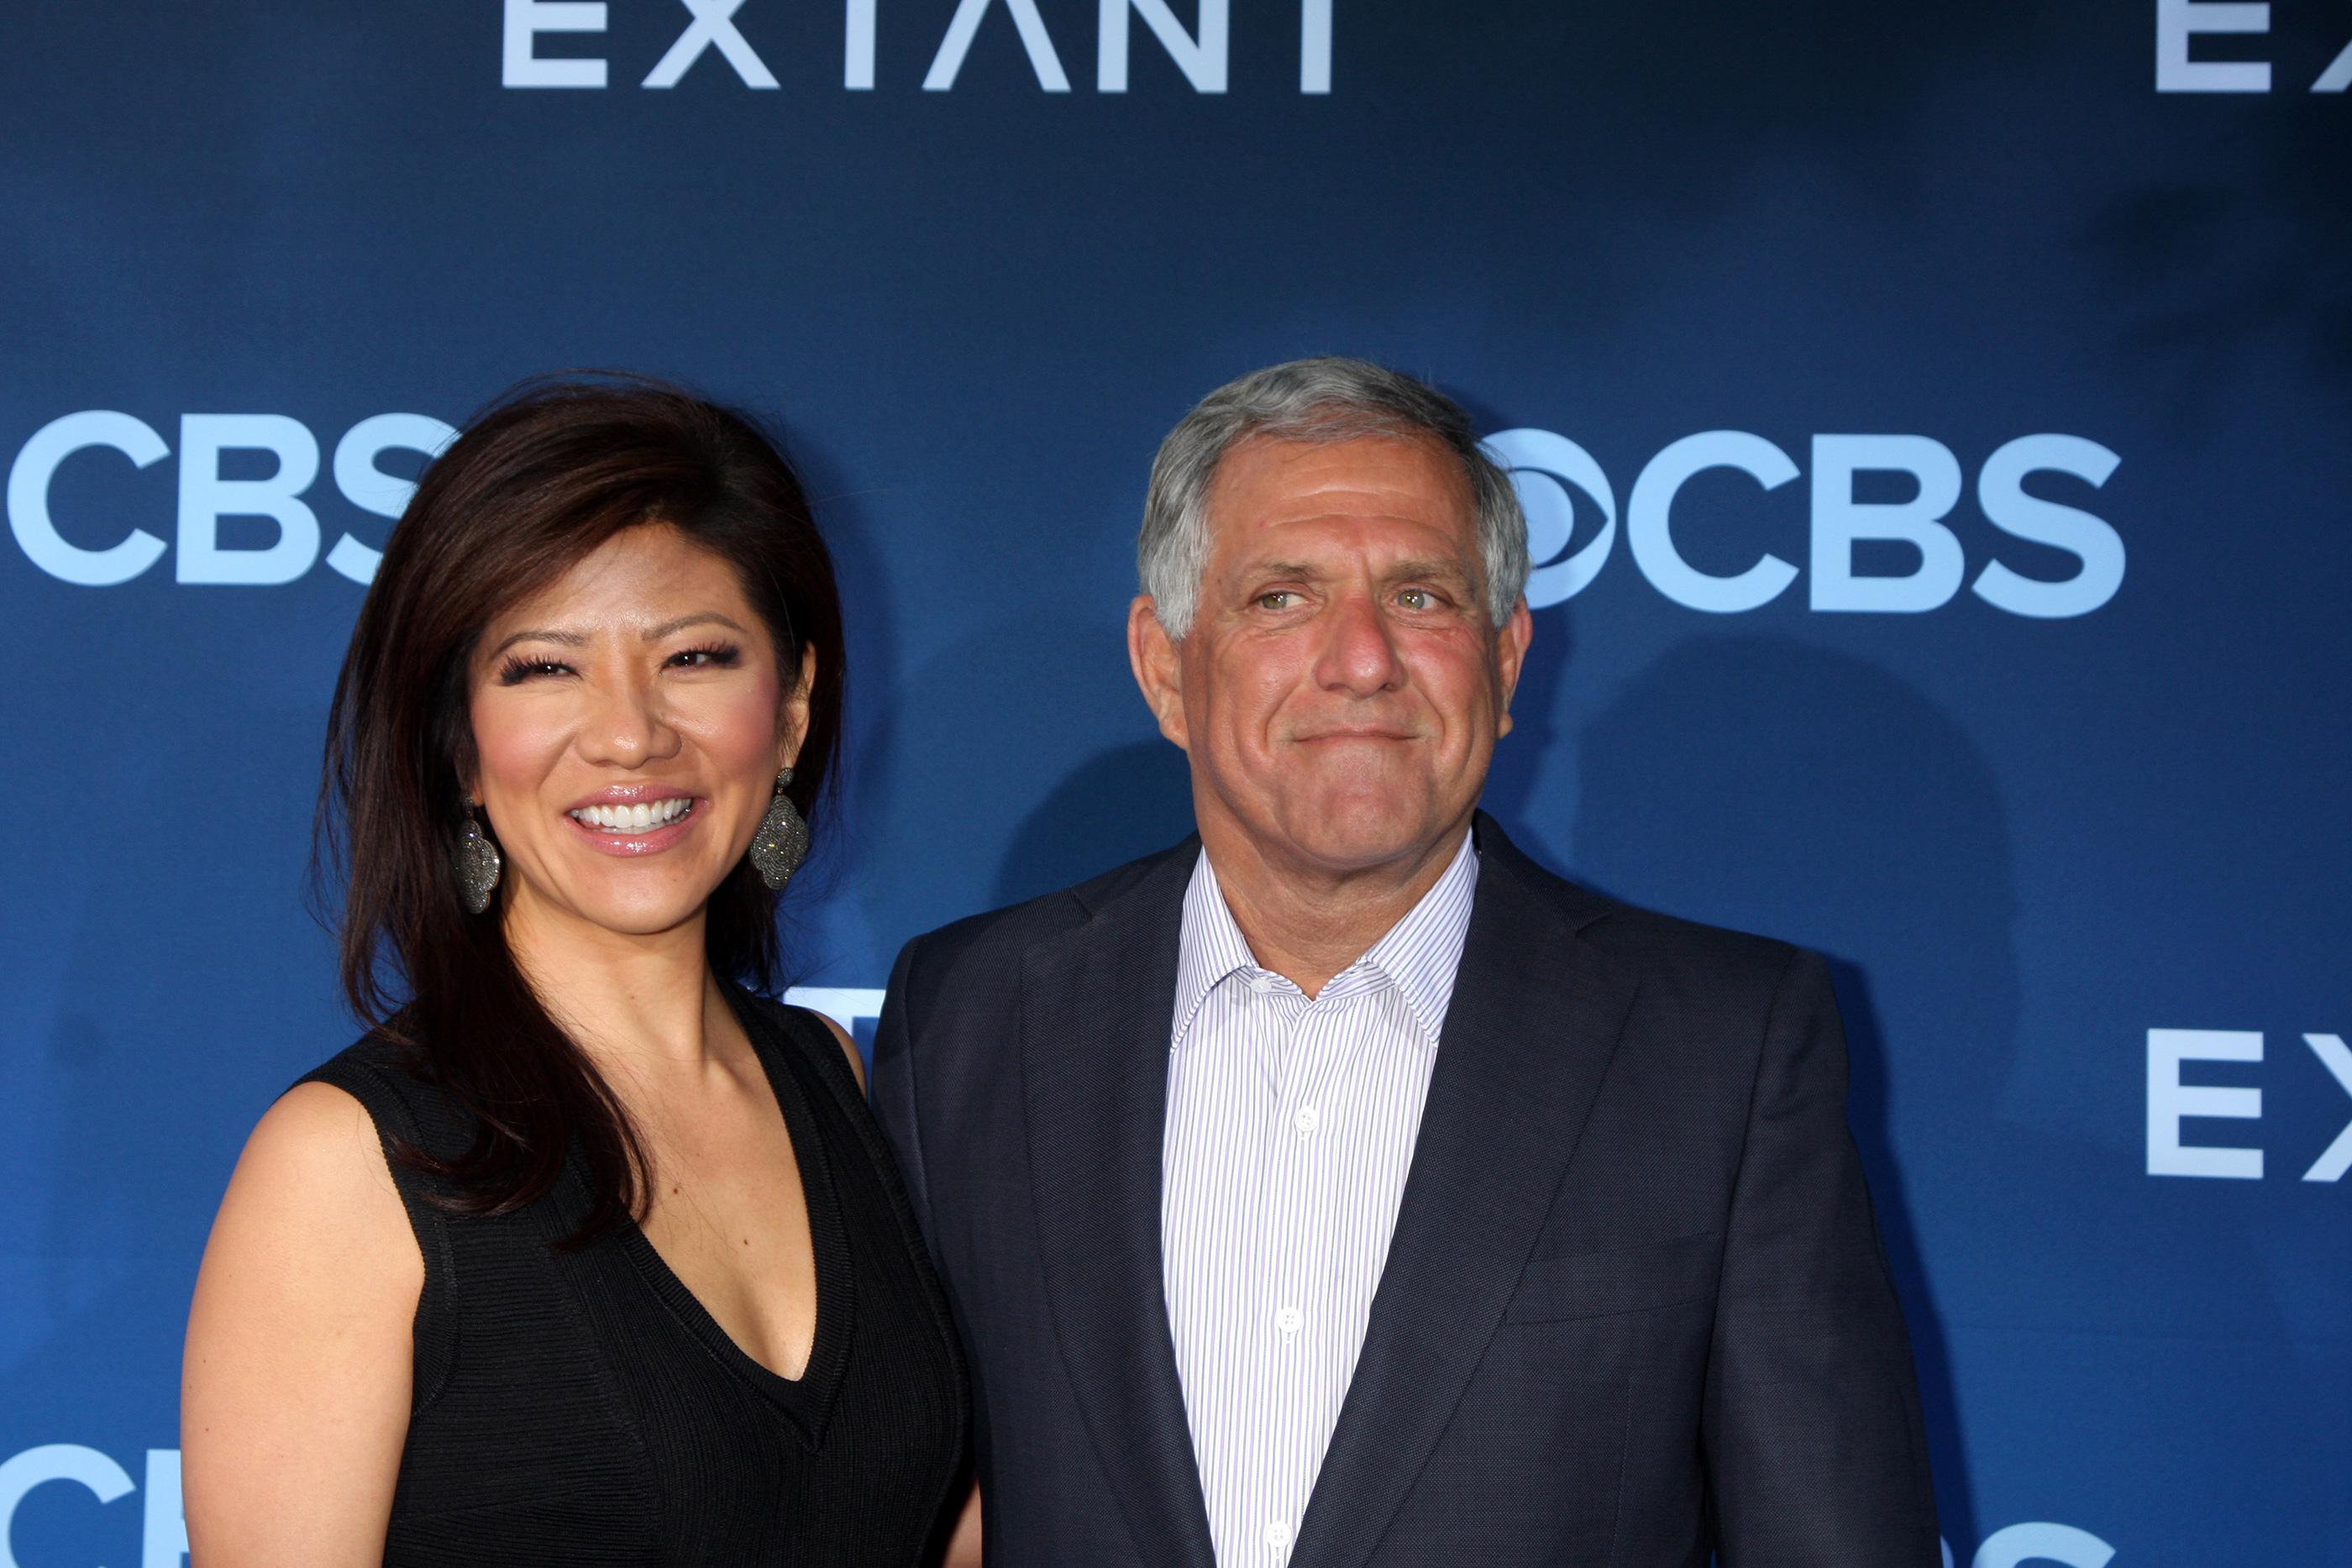 Les Moonves, CEO da CBS